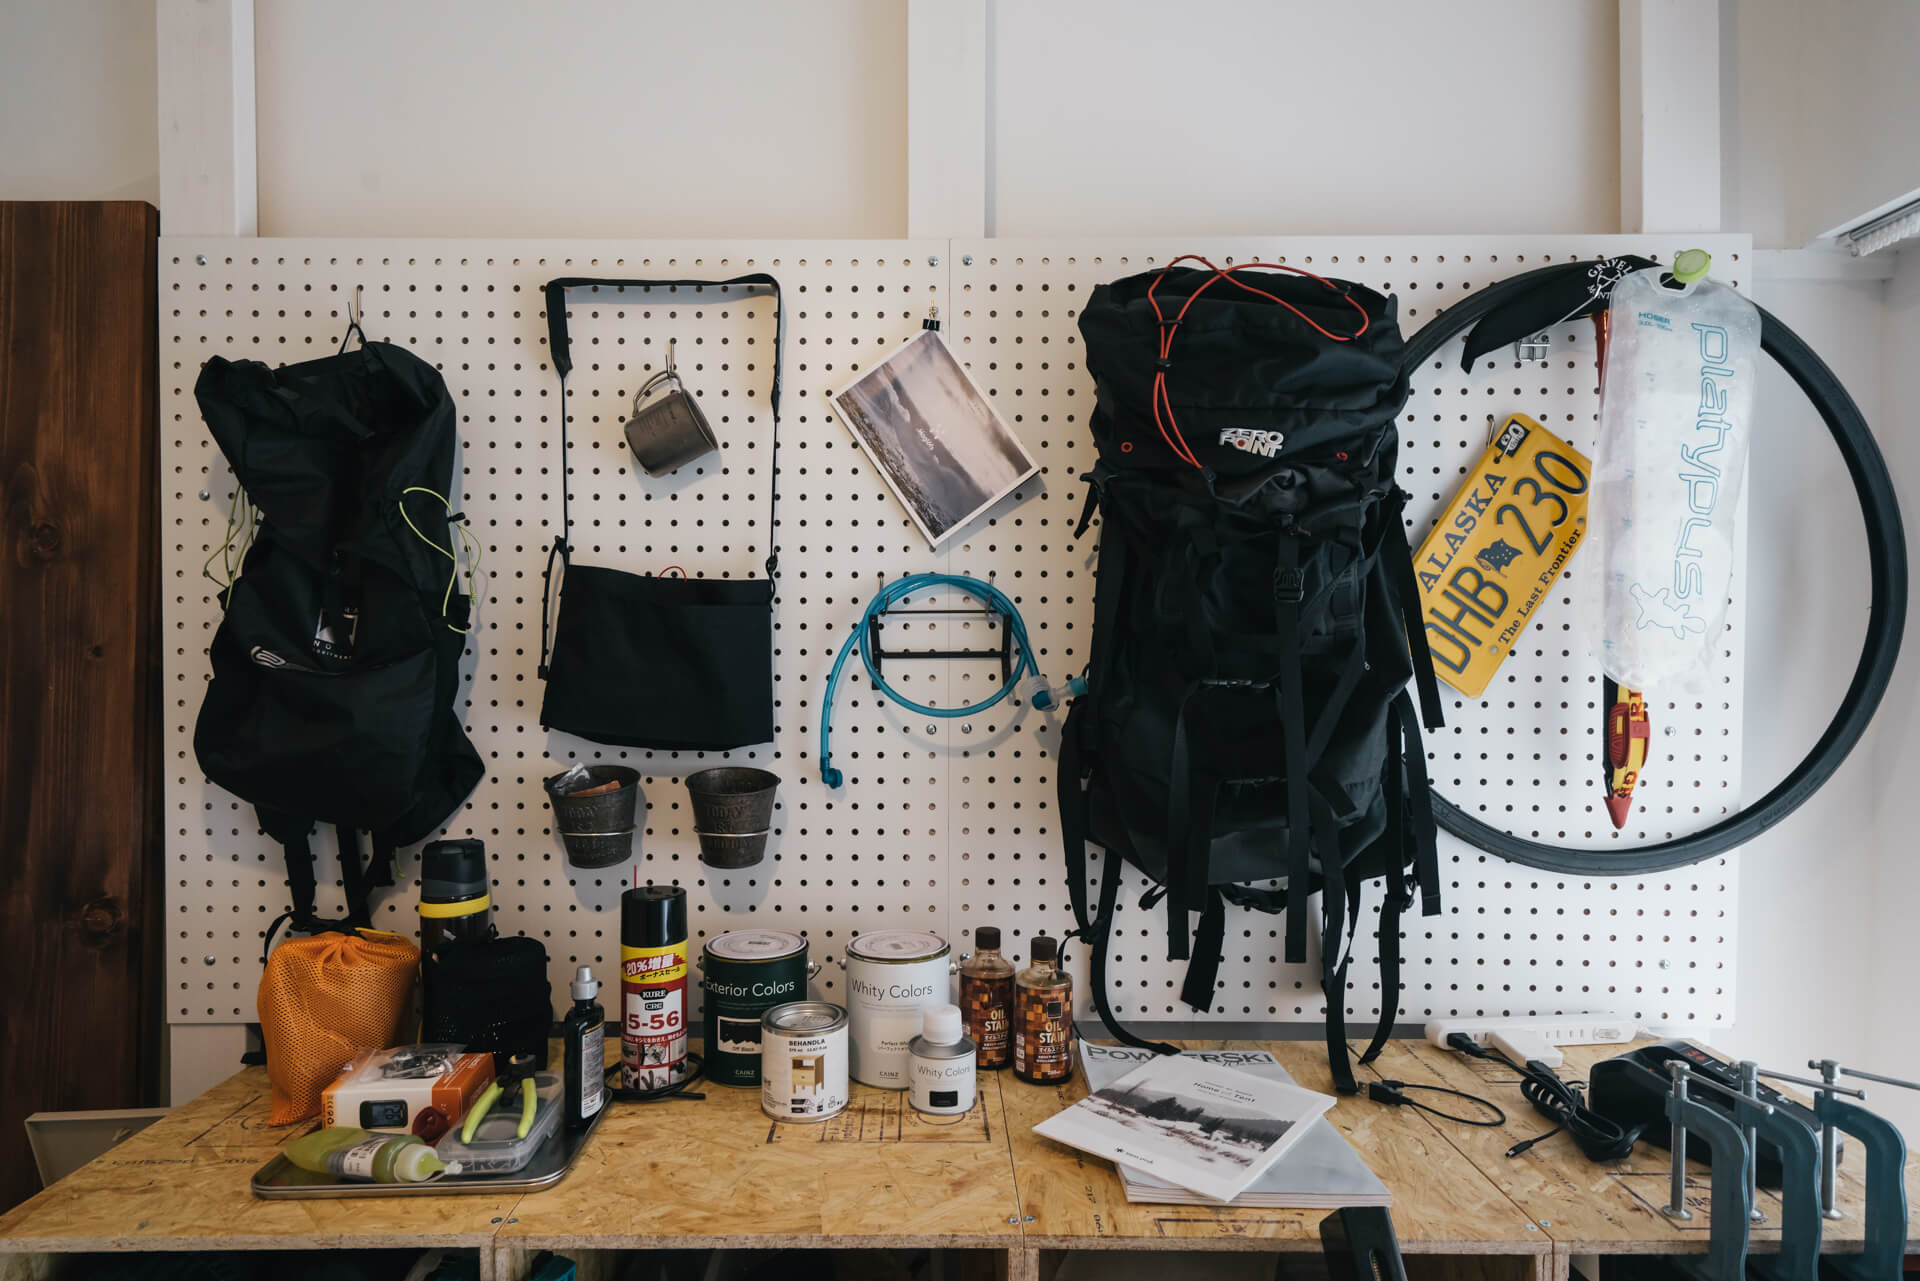 キャンプやサイクリングなどアウトドアが趣味の方。増え続けるギアノ収納にお困りなら、有孔ボードが便利。「あれ、どこに行ったっけ」を減らせます。(このお部屋はこちら)